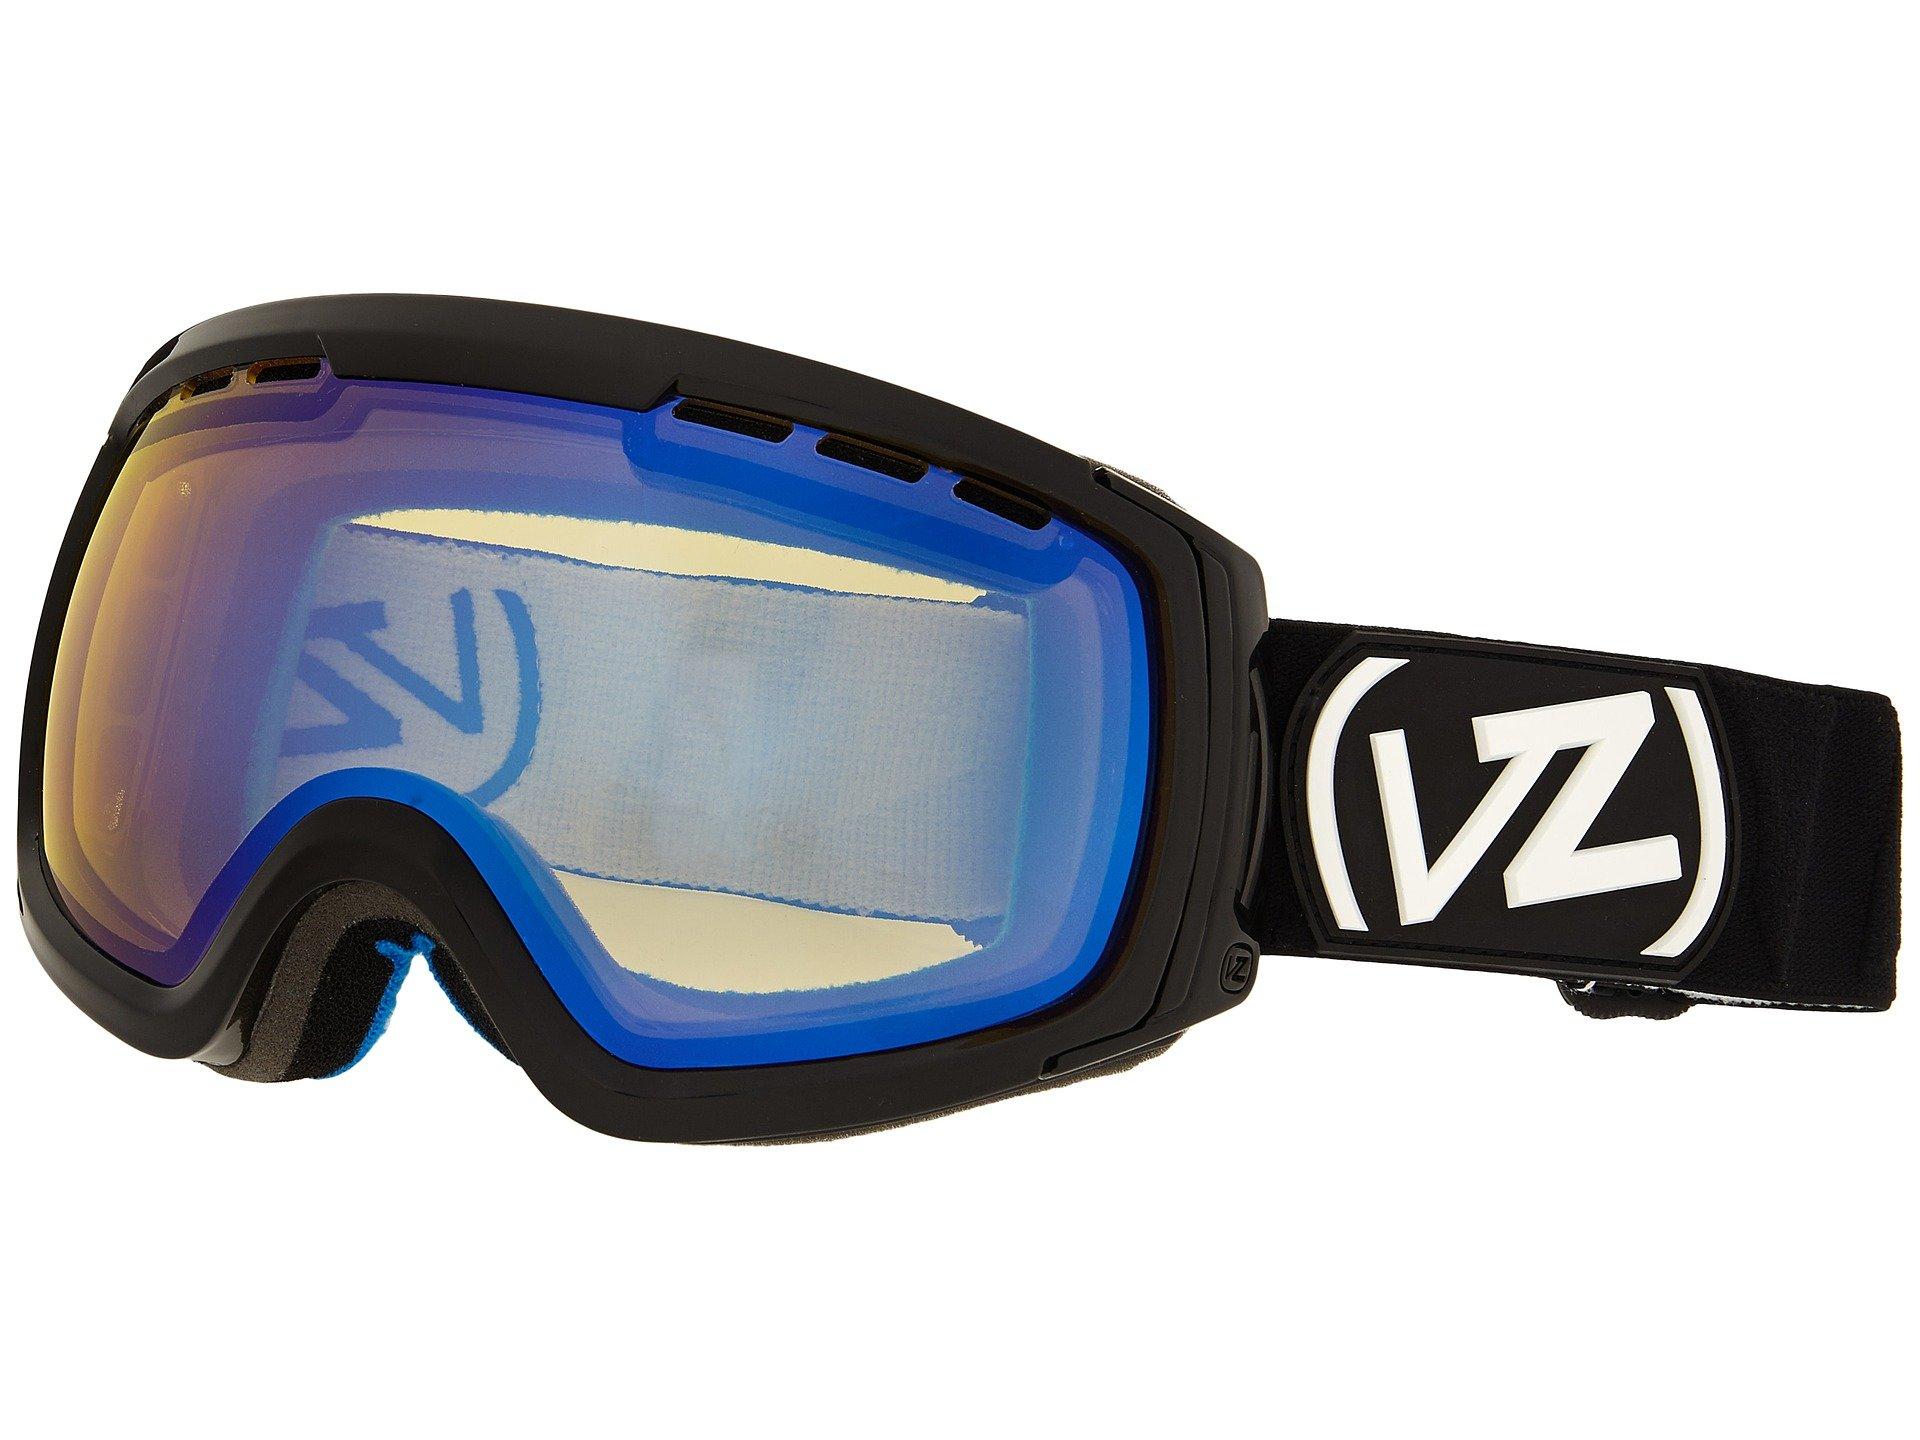 Snowboarding VonZipper Feenom - N.L.S.  + VonZipper en VeoyCompro.net